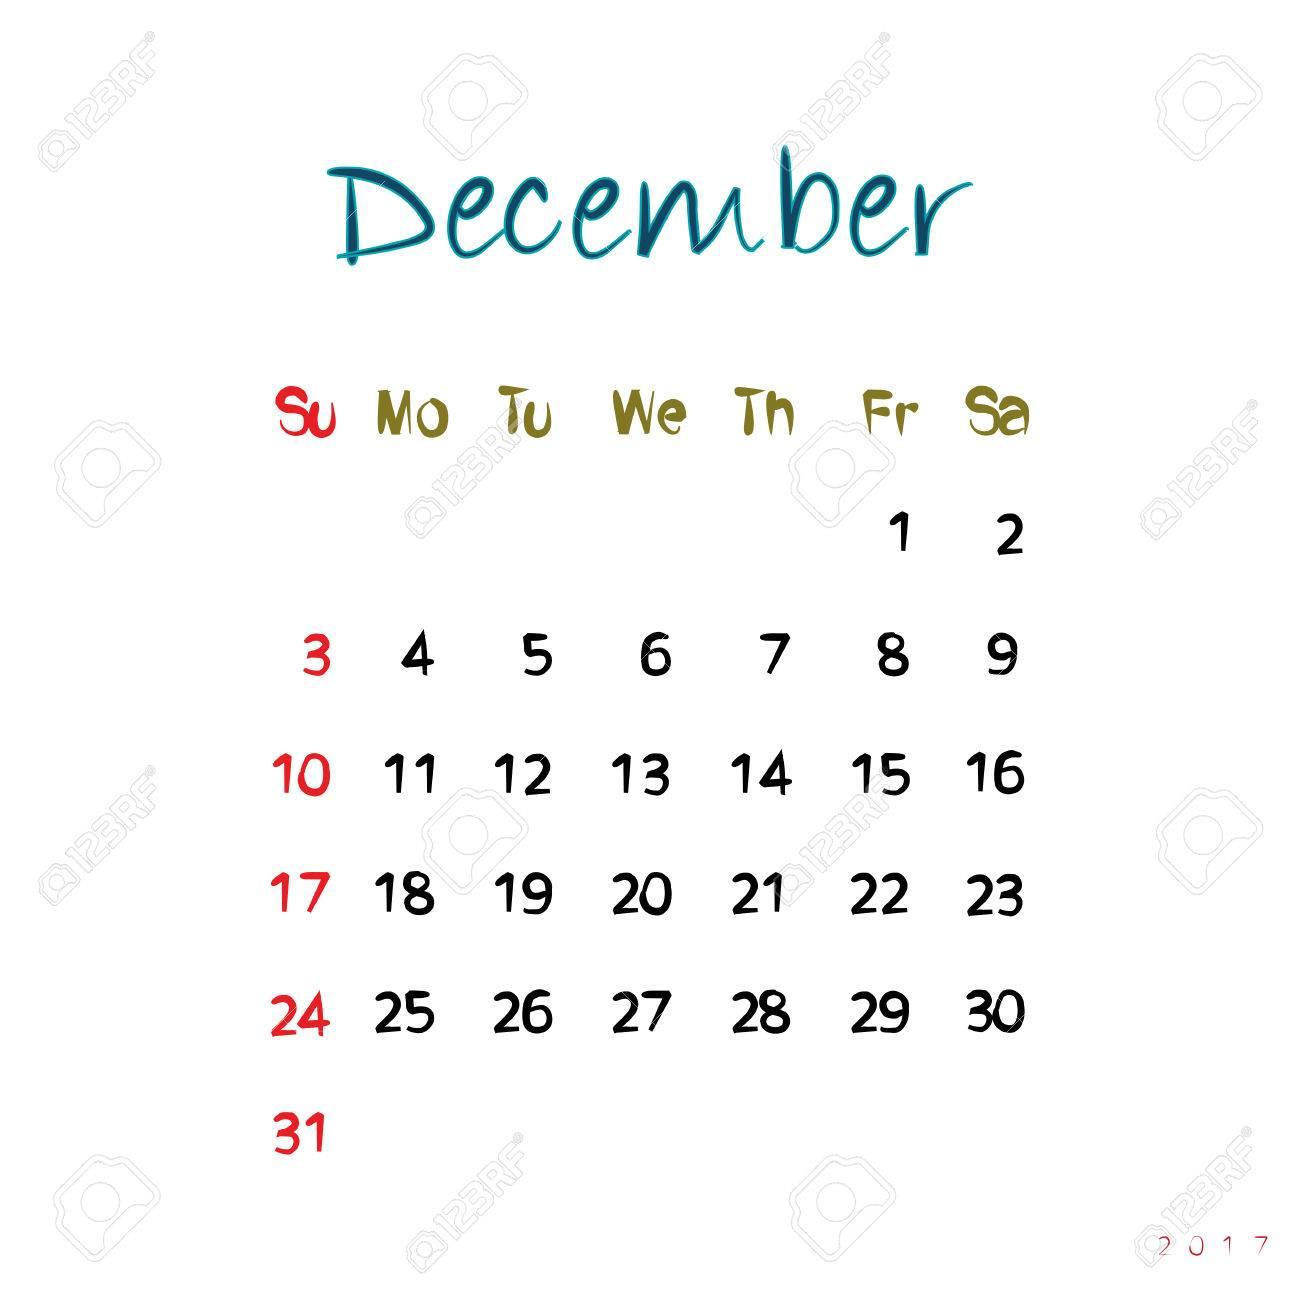 白元の手書きテキストと 17 年 12 月カレンダー ページのイラスト素材 ベクタ Image